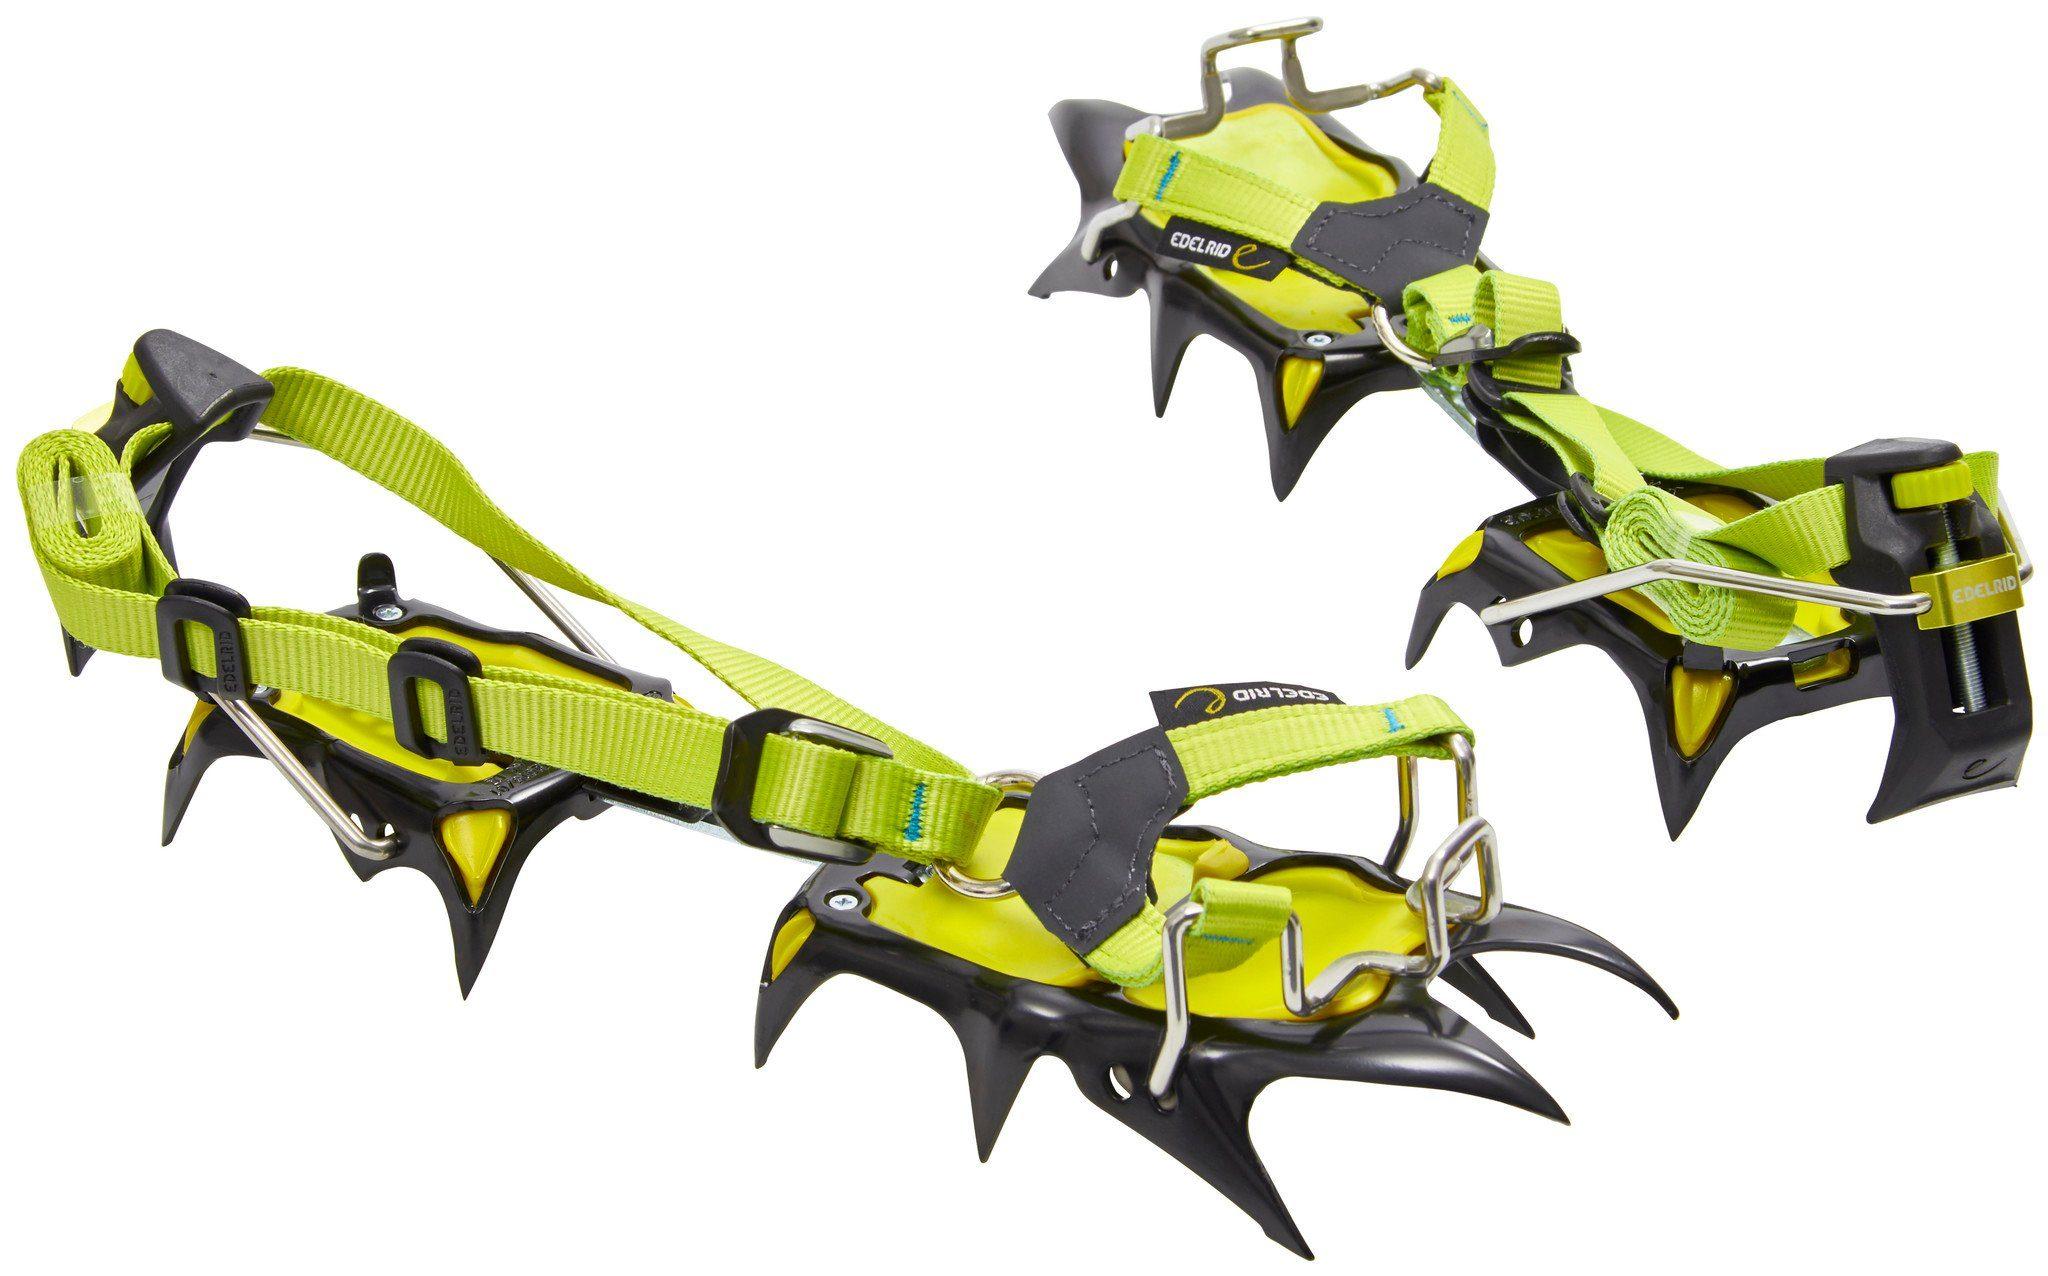 Edelrid Klettergurt Wing : Edelrid kletterausrüstung online kaufen otto